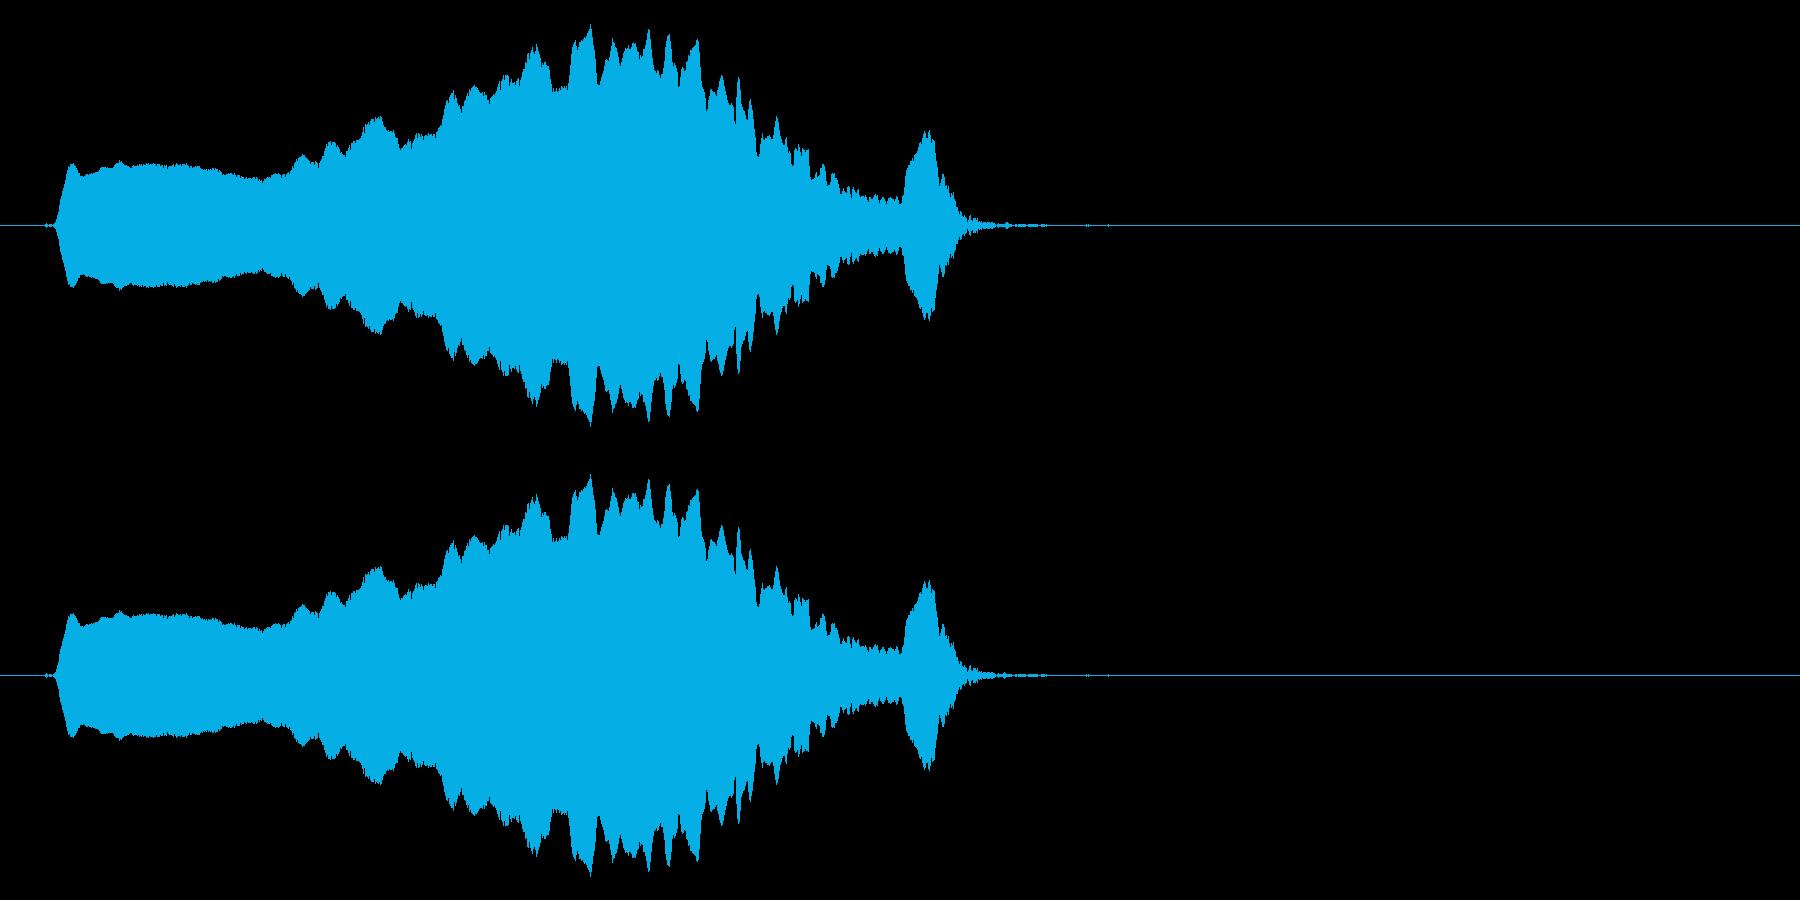 スライド笛/上昇/ピューイ/カートゥーンの再生済みの波形